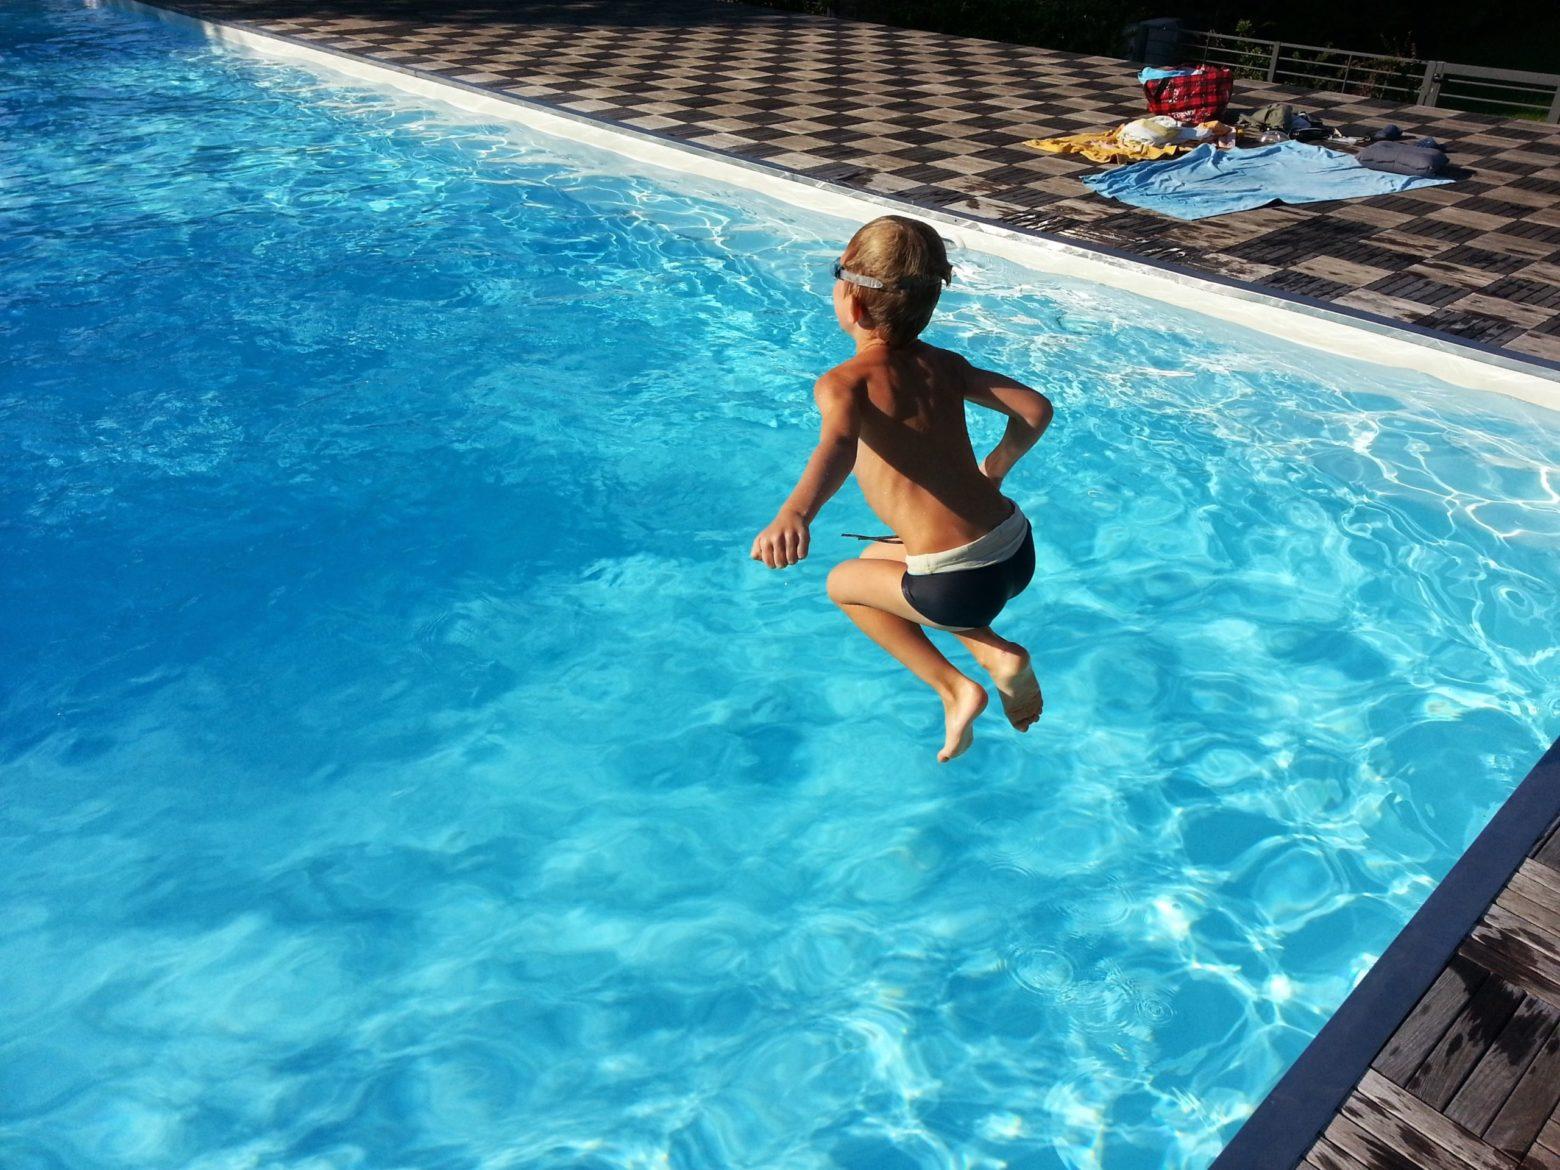 La piscine d'Astrid dans les Landes